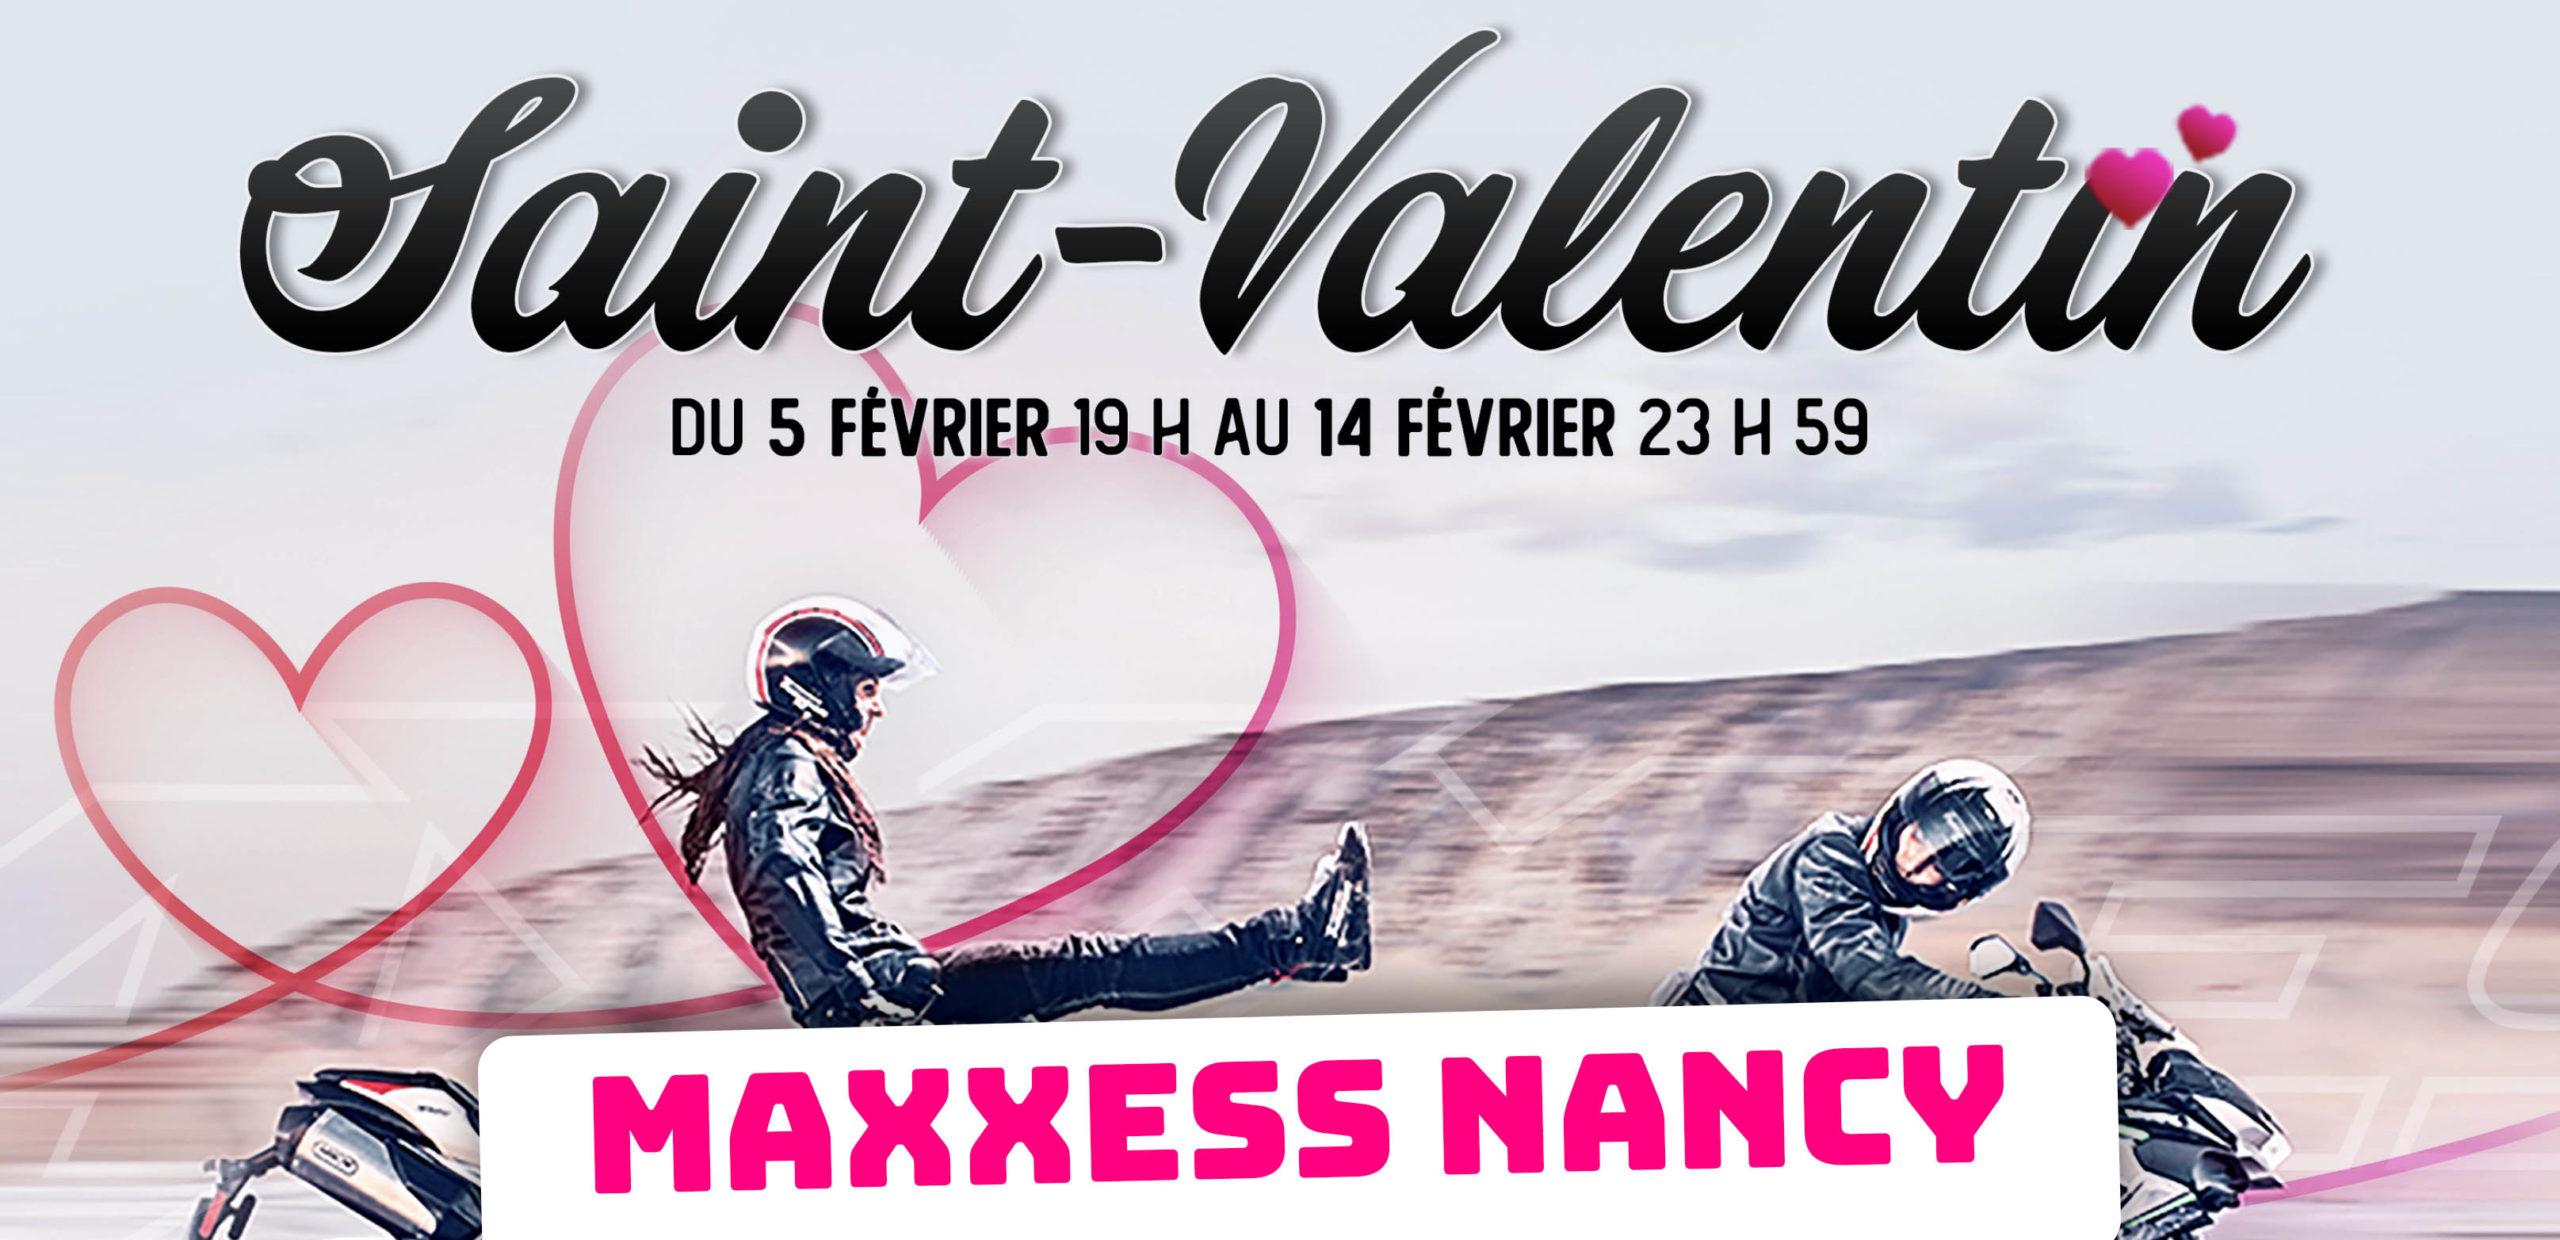 Nouvelles Collections 2021 / SAINT-VALENTIN Chez MAXXESS NANCY